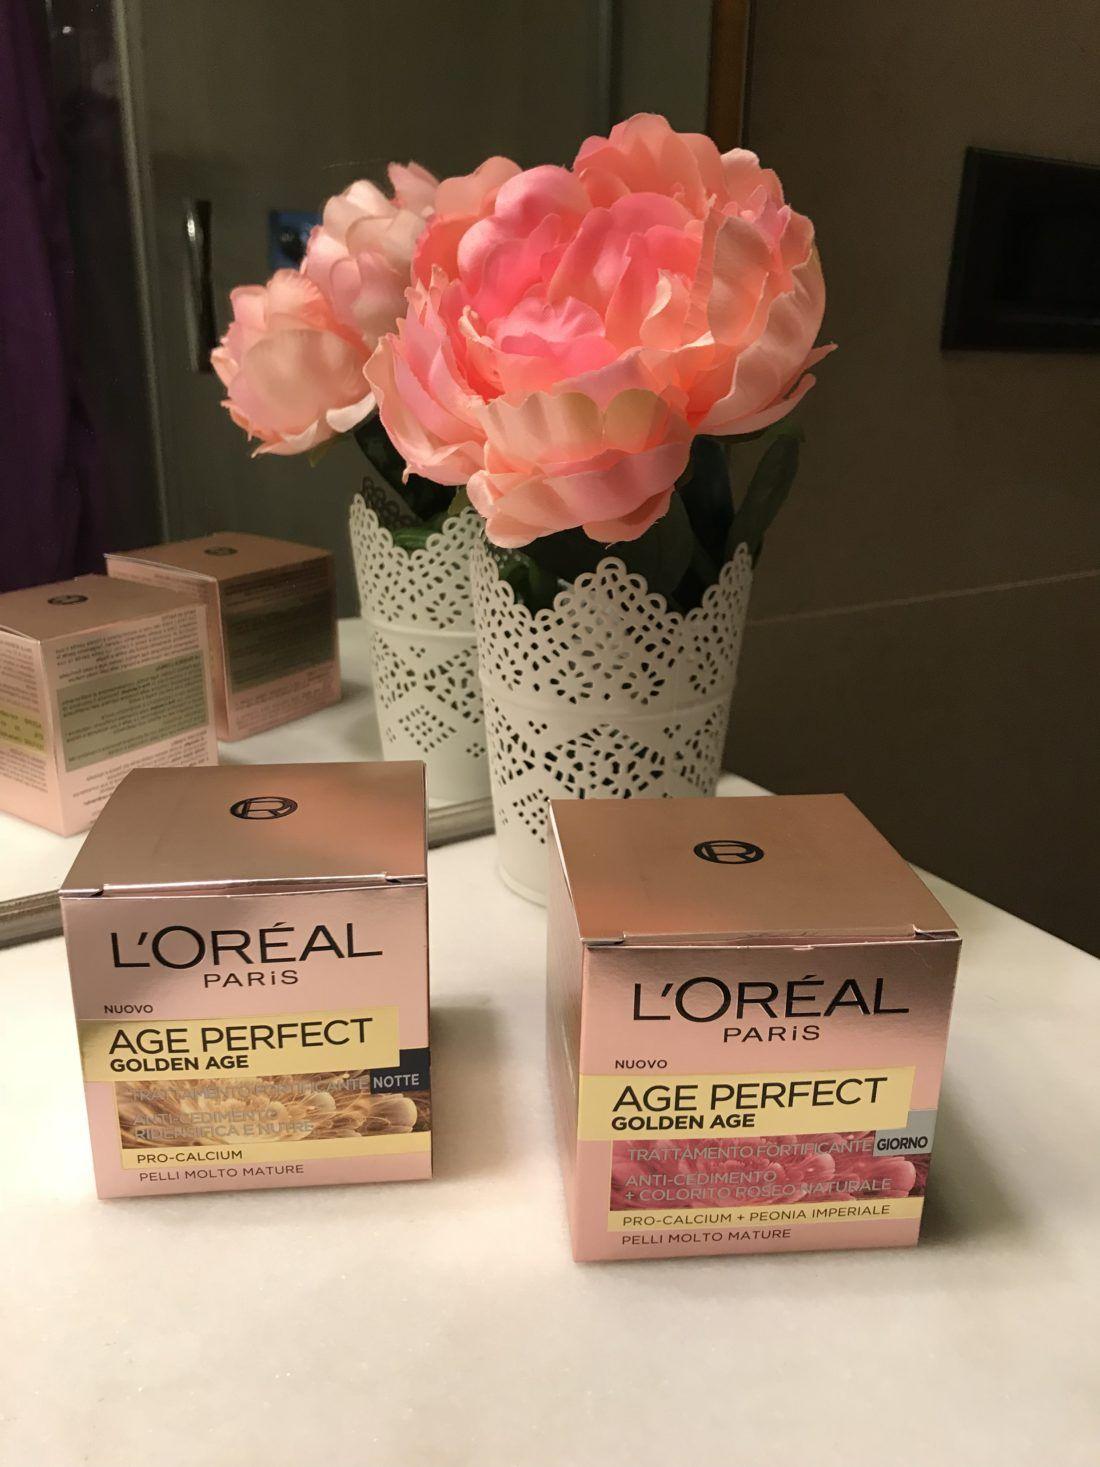 Antirughe over 60 L'Oréal Paris - Borse sotto gli occhi..